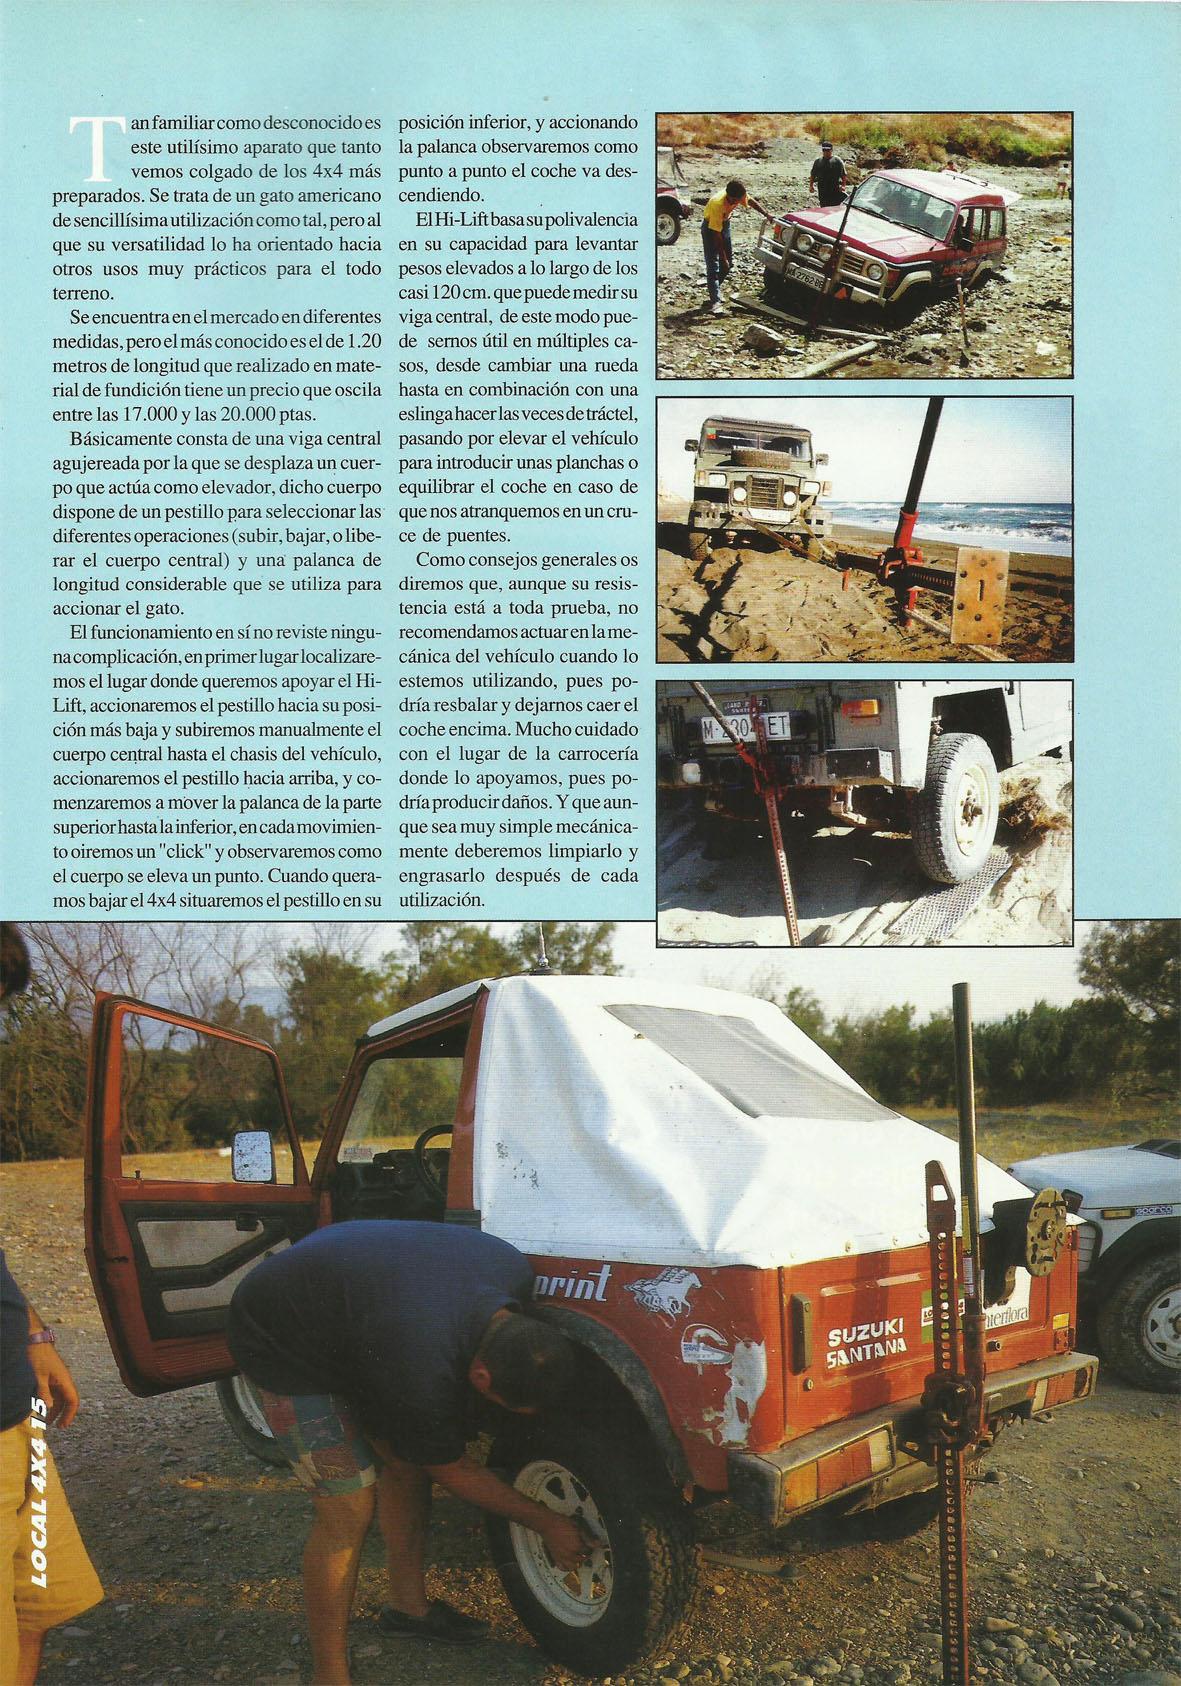 Revista Local 4x4 32 15 Curso de Rescate Gato del Desierto Hi Lift 02